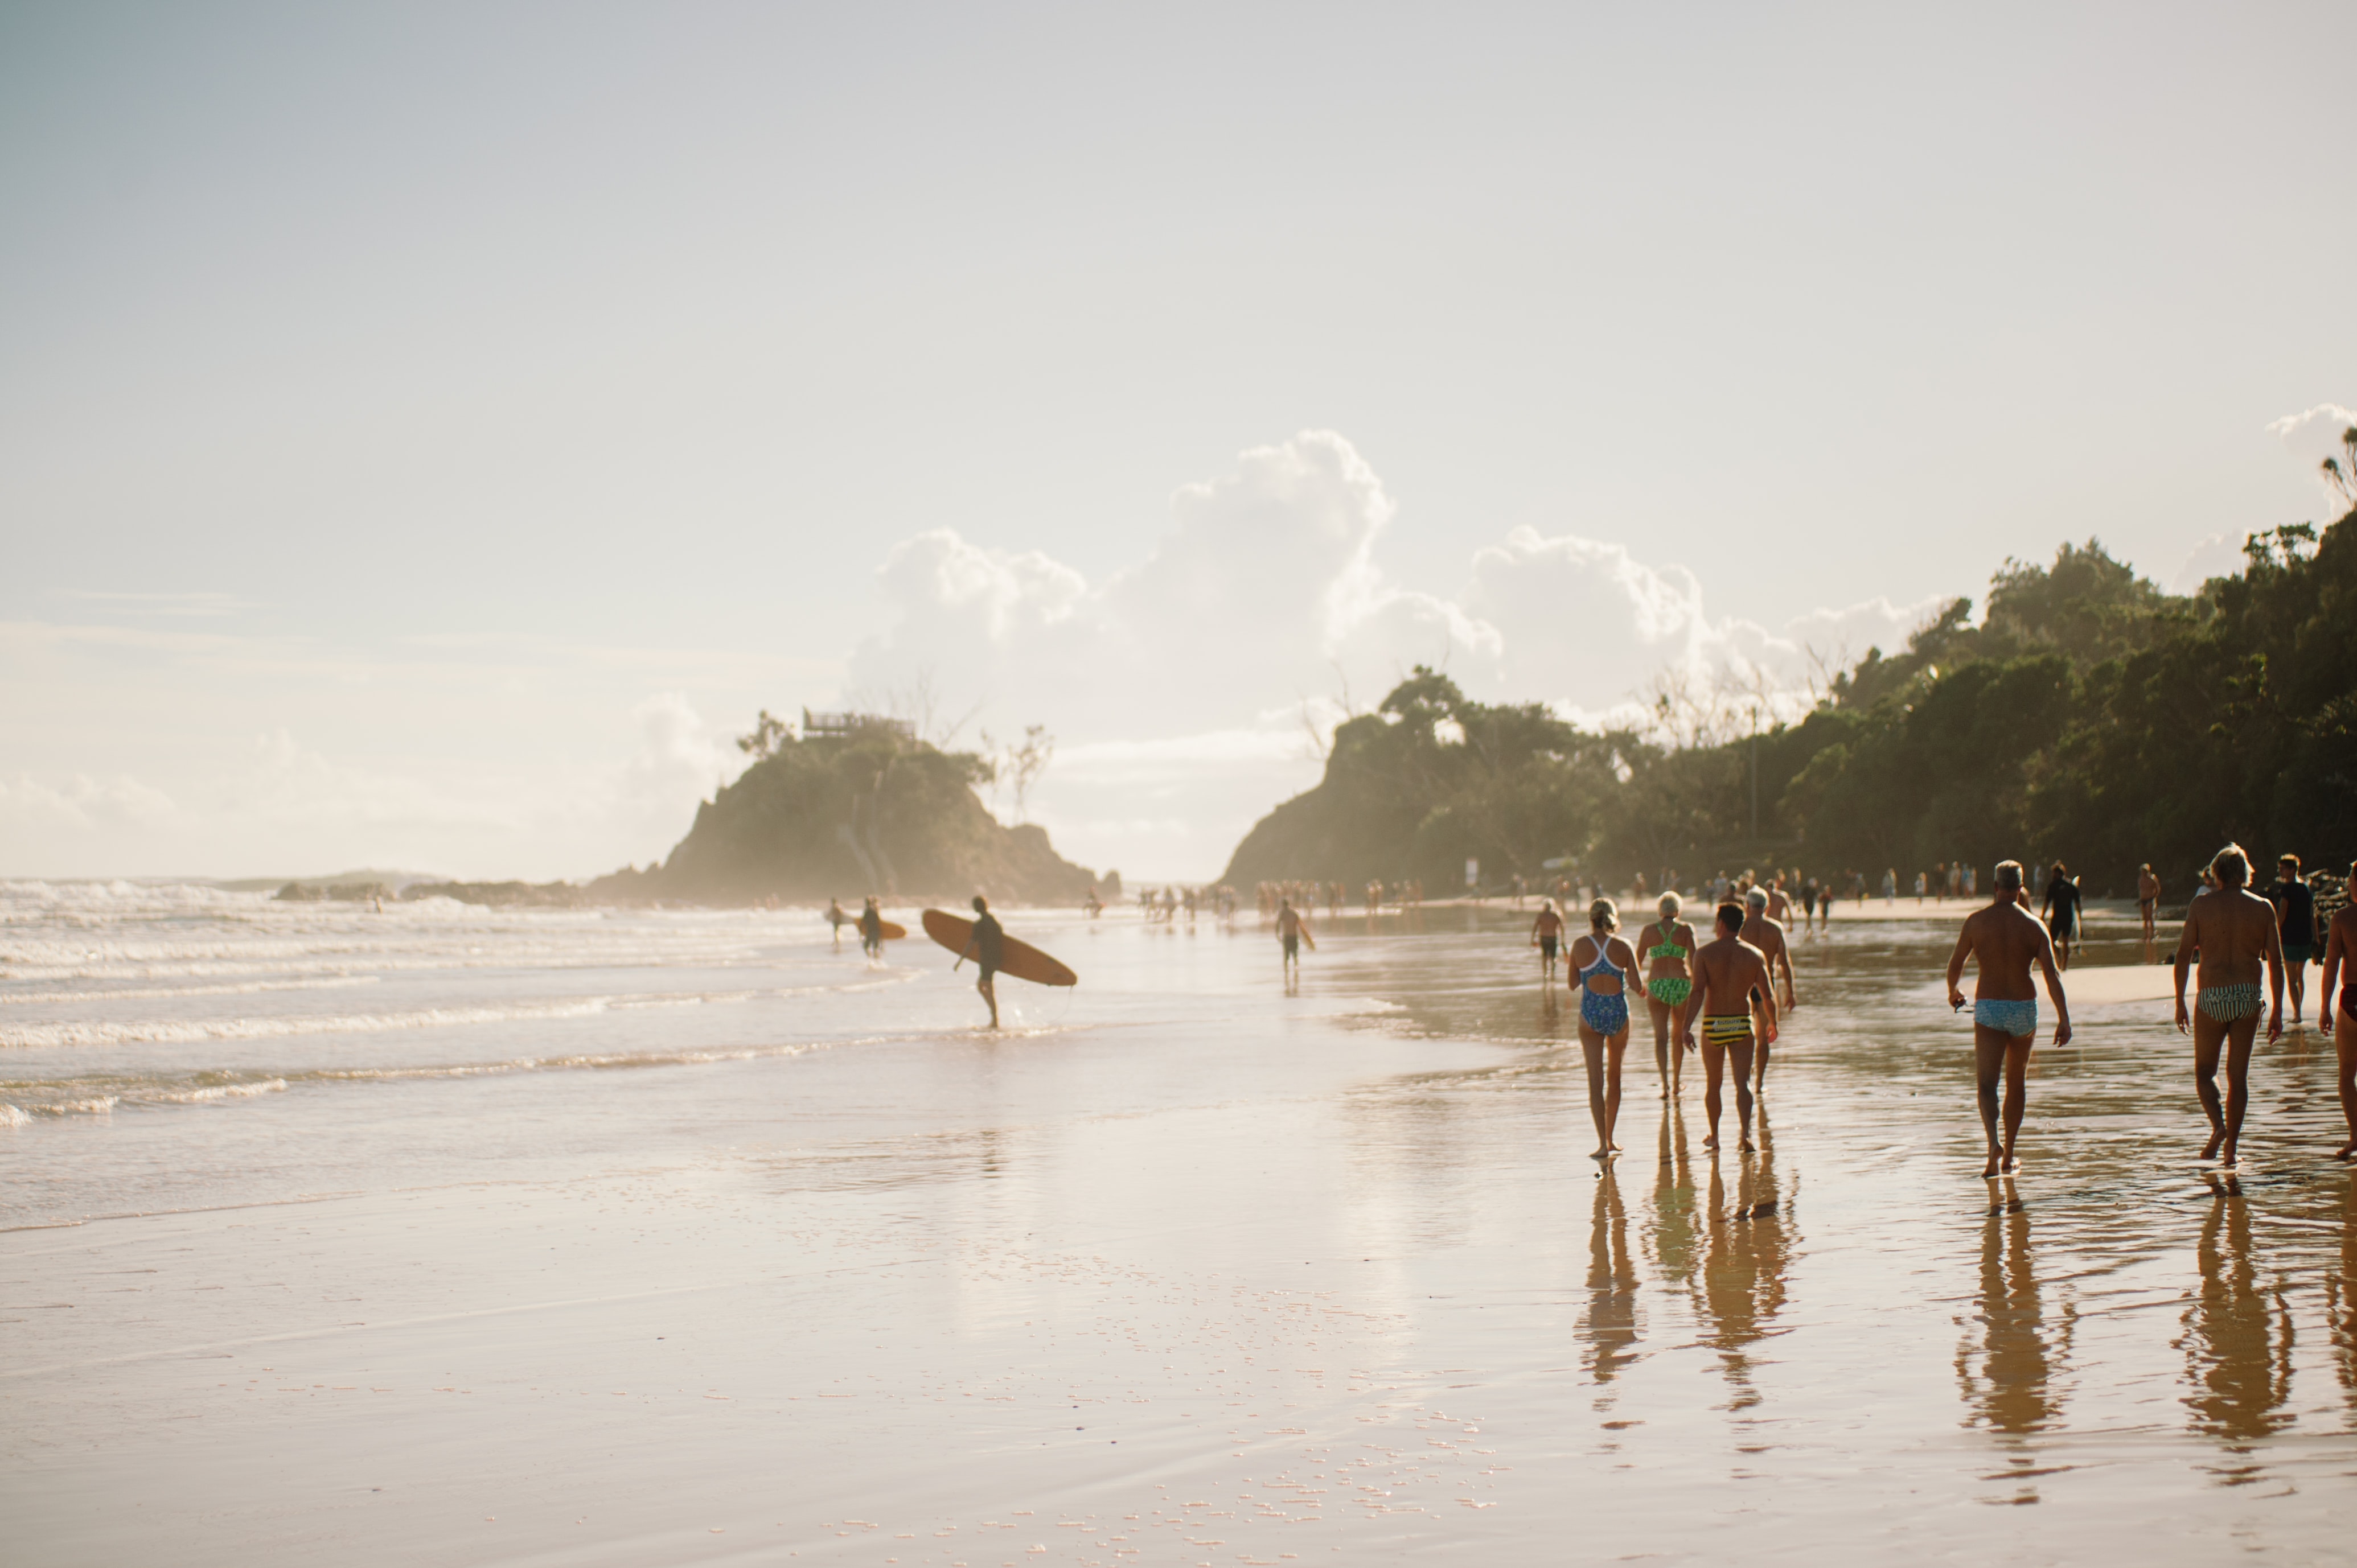 people walking along beach during daytime